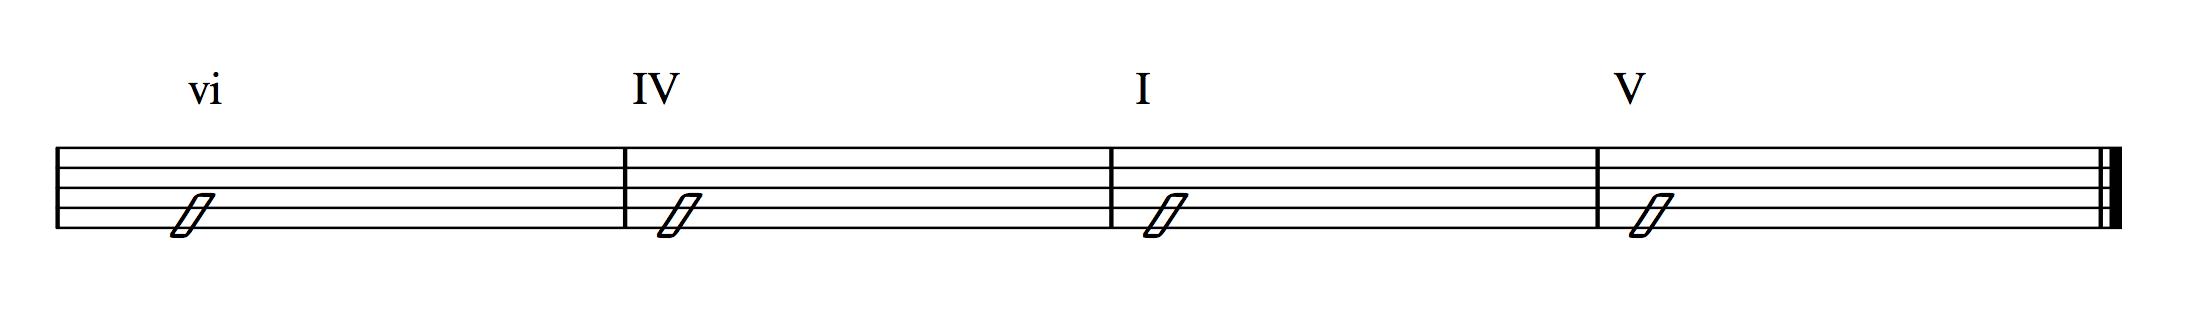 Chord Progression 6 4 1 5